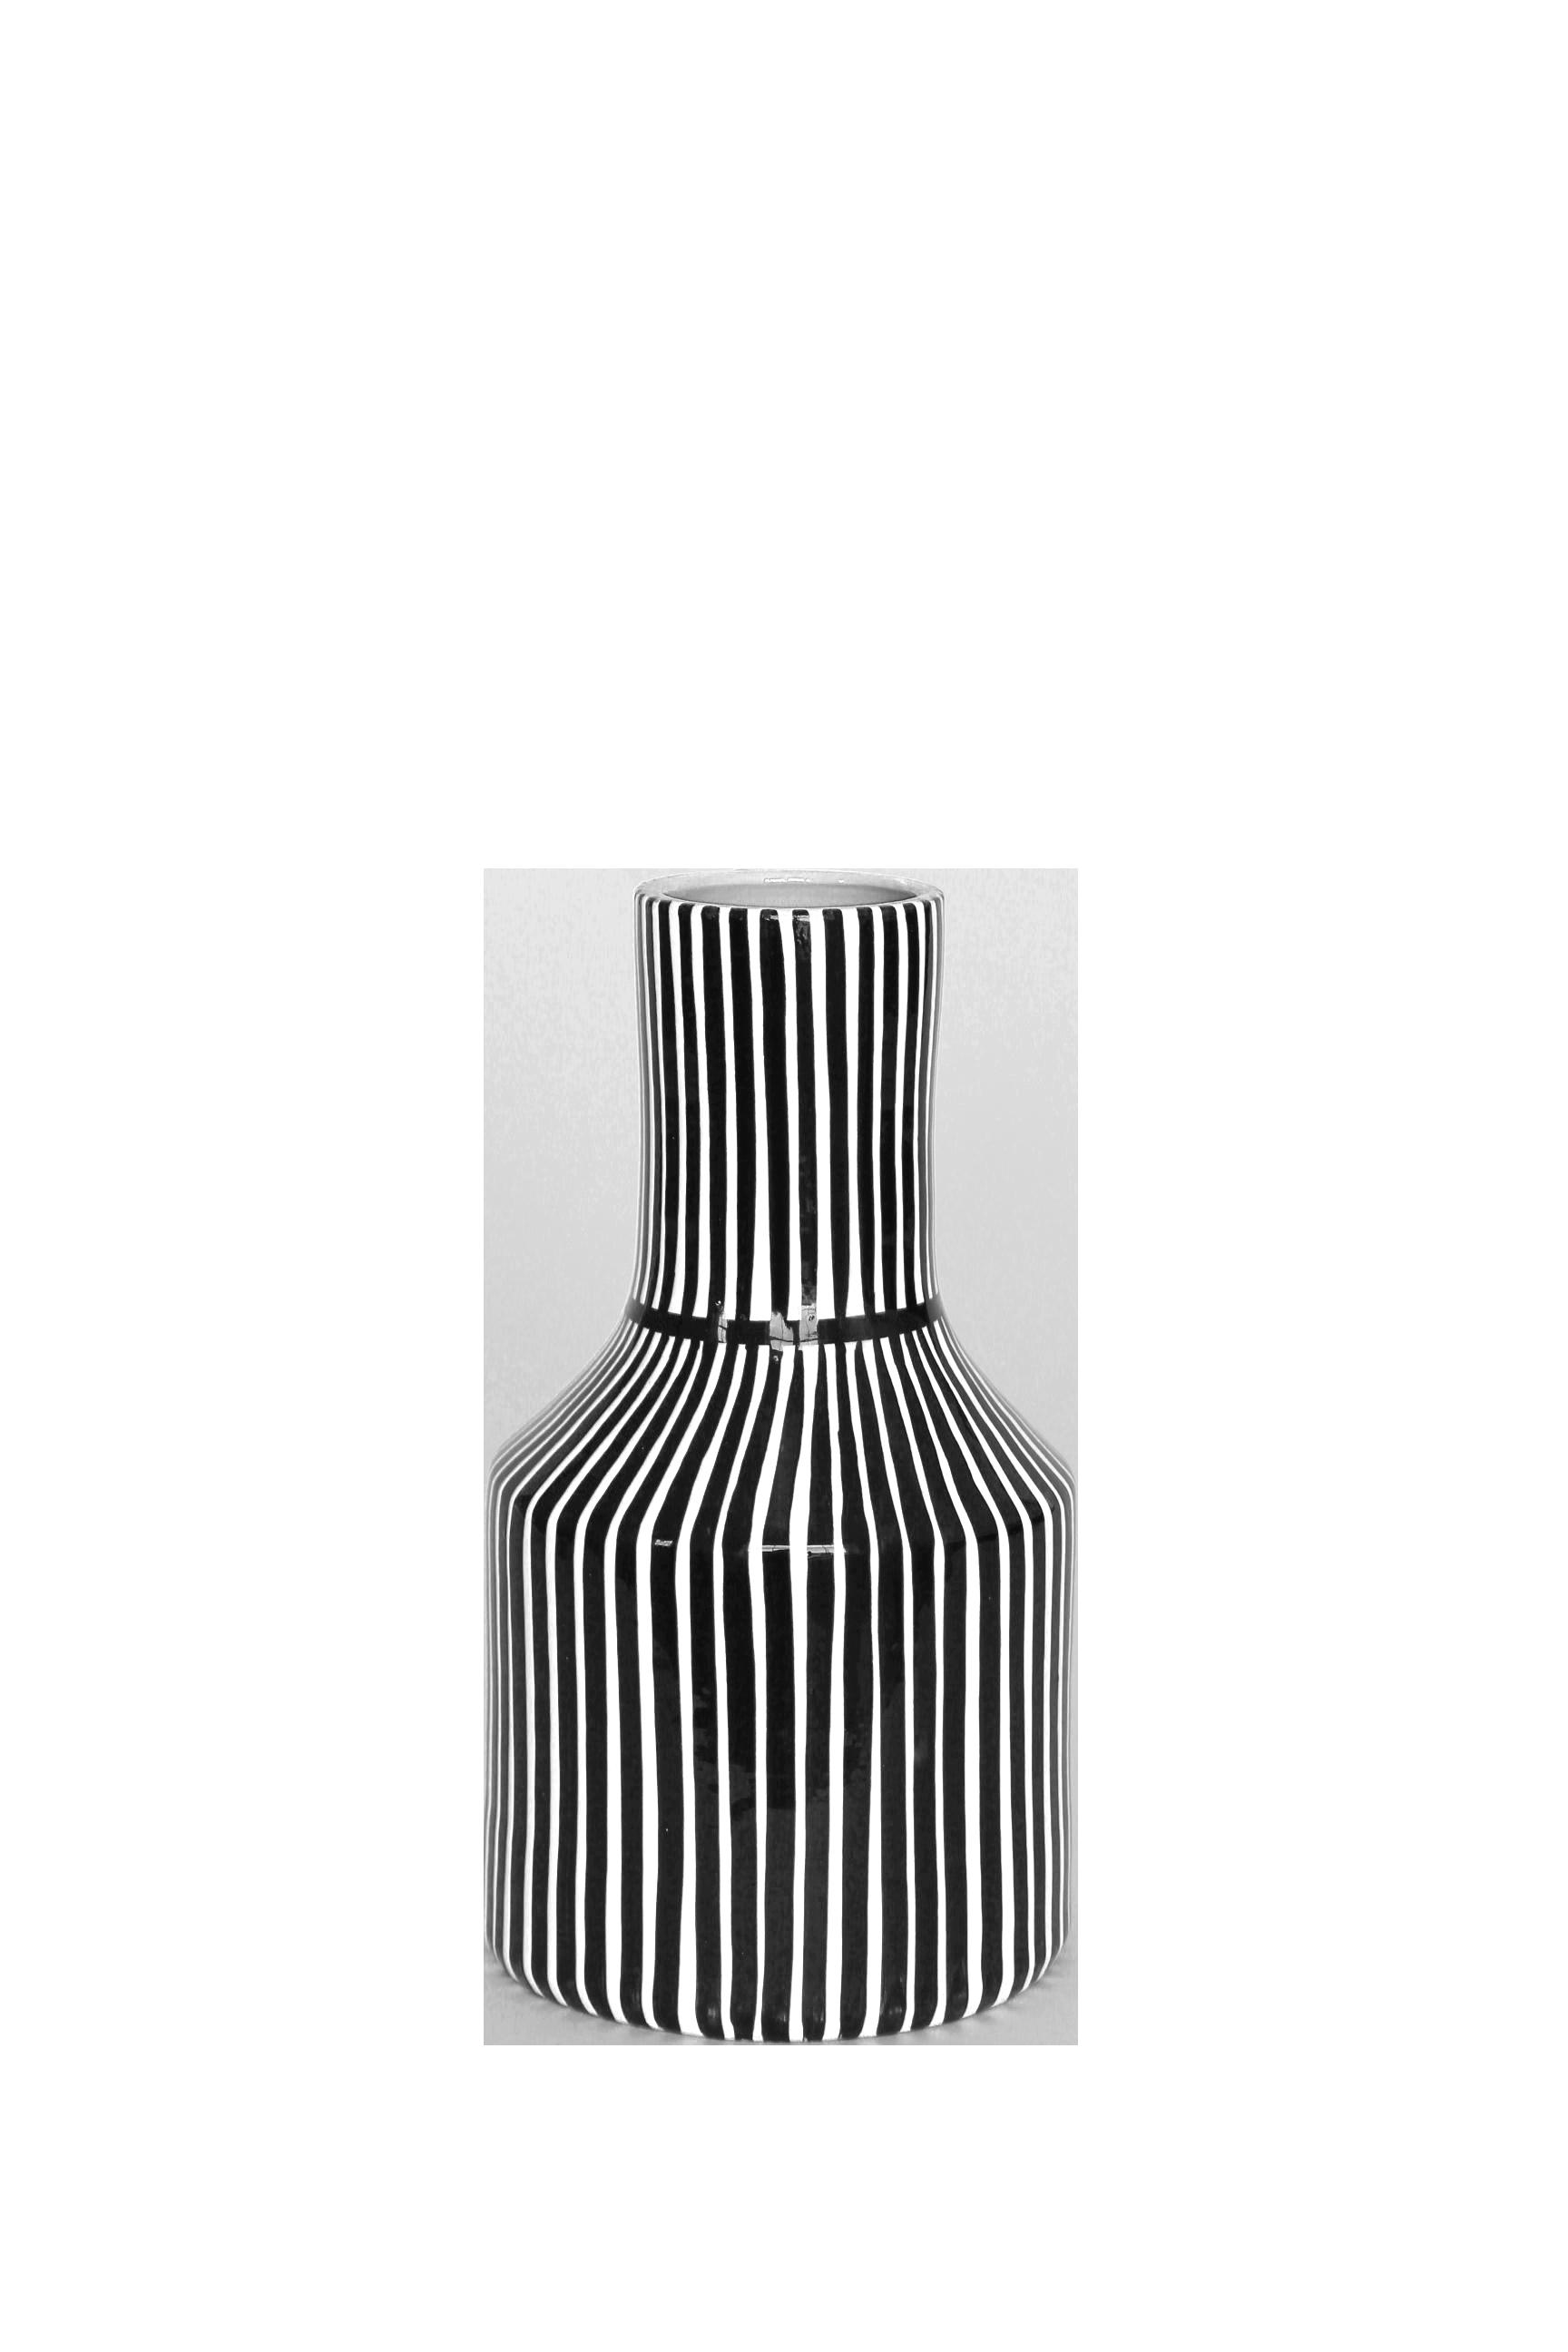 Striped Terracotta Bud Vase - Handmade in Portugal